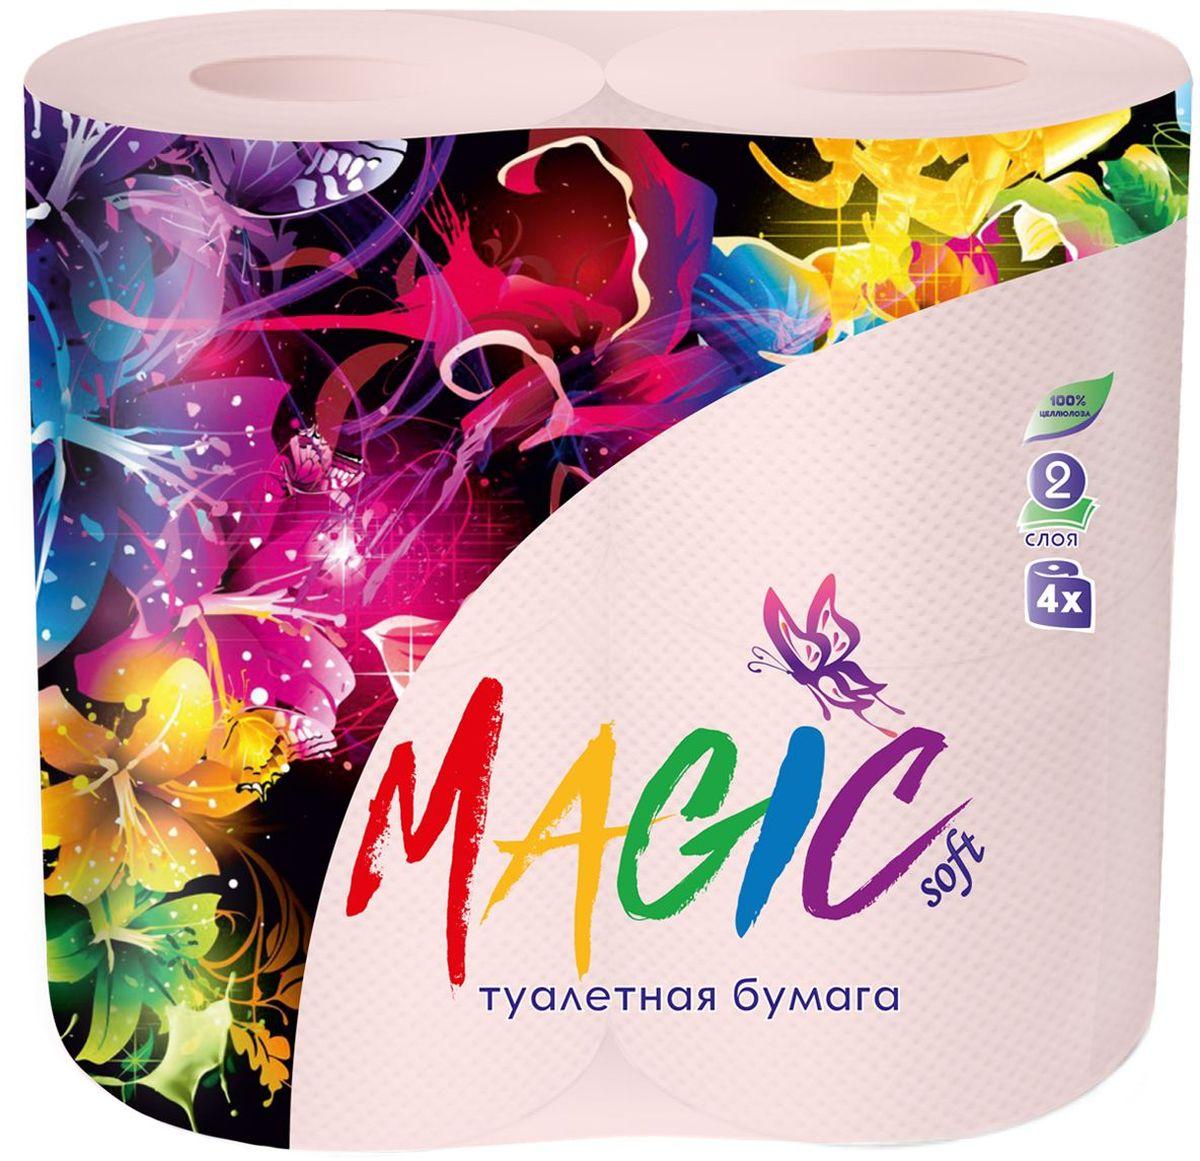 Туалетная бумага Magic Soft, цвет: розовый, 4 рулона20034Туалетная бумага Magic имеет 2 слоя. Она предназначена для бытового и санитарно-гигиенического назначения. Одноразового использования.В комплекте: 4 рулона.